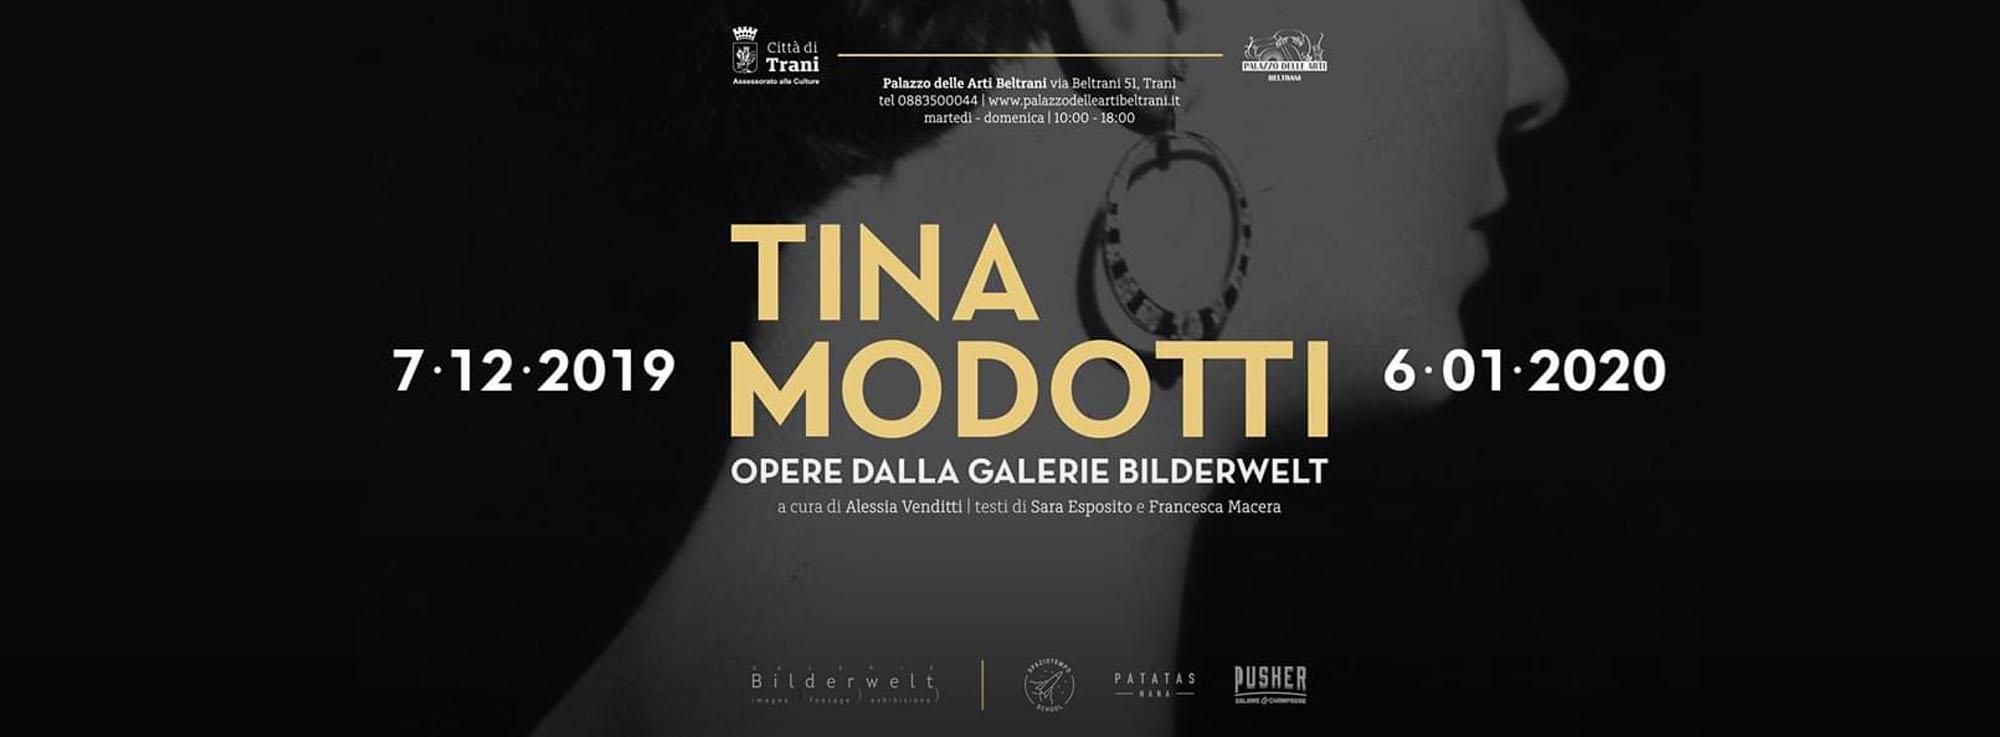 Trani: Tina Modotti, Immagini delle Galerie Bildrwelt